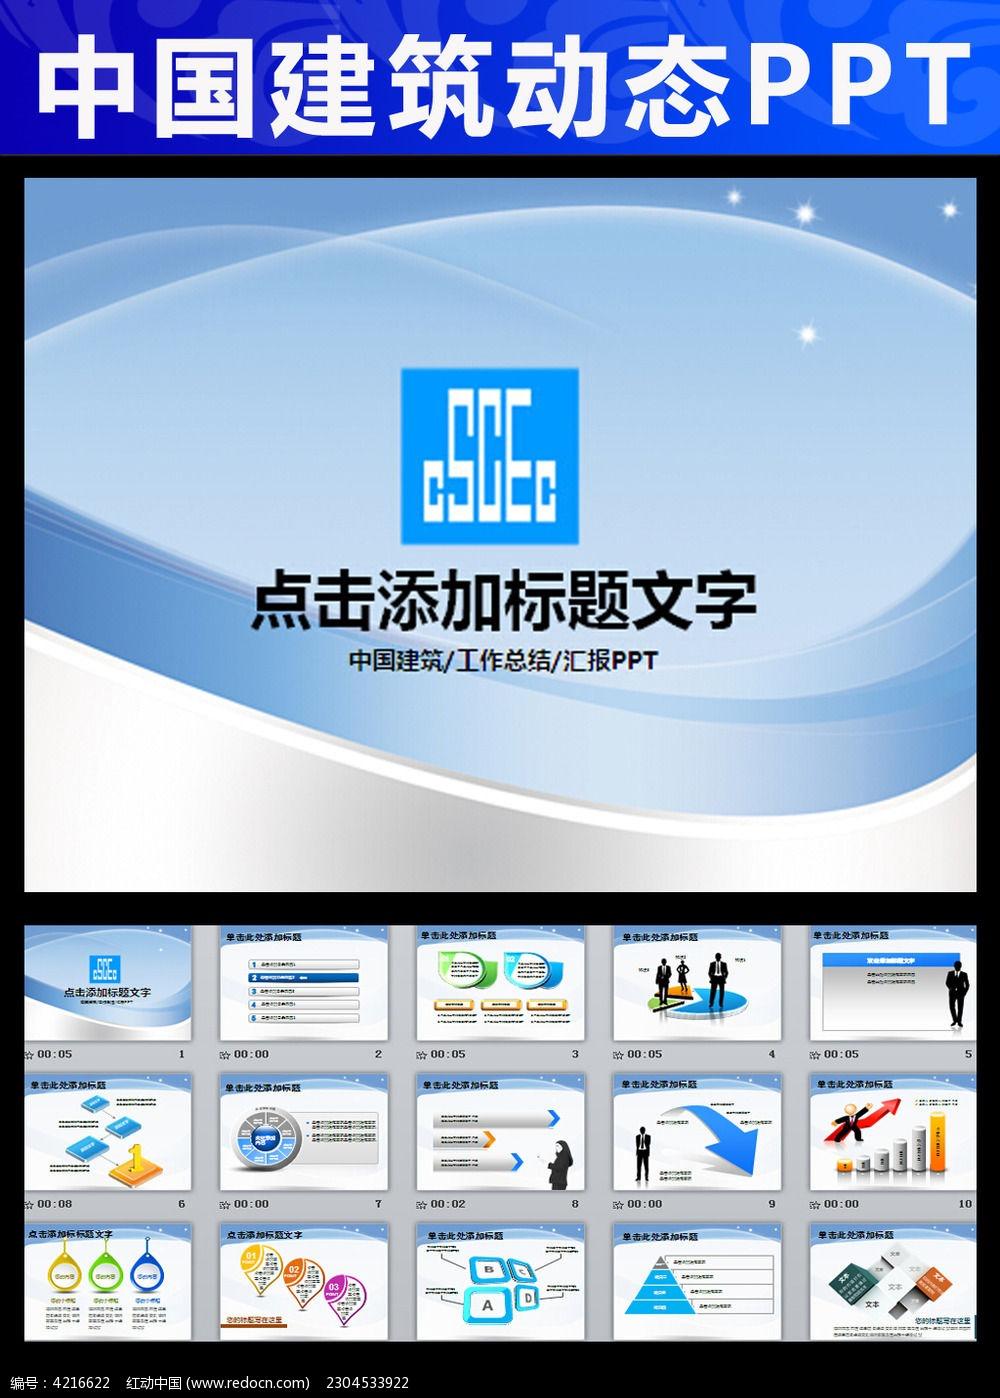 工作报告总结PPT模板 中国建筑ppt模板 中建总公司 中国建筑工程总